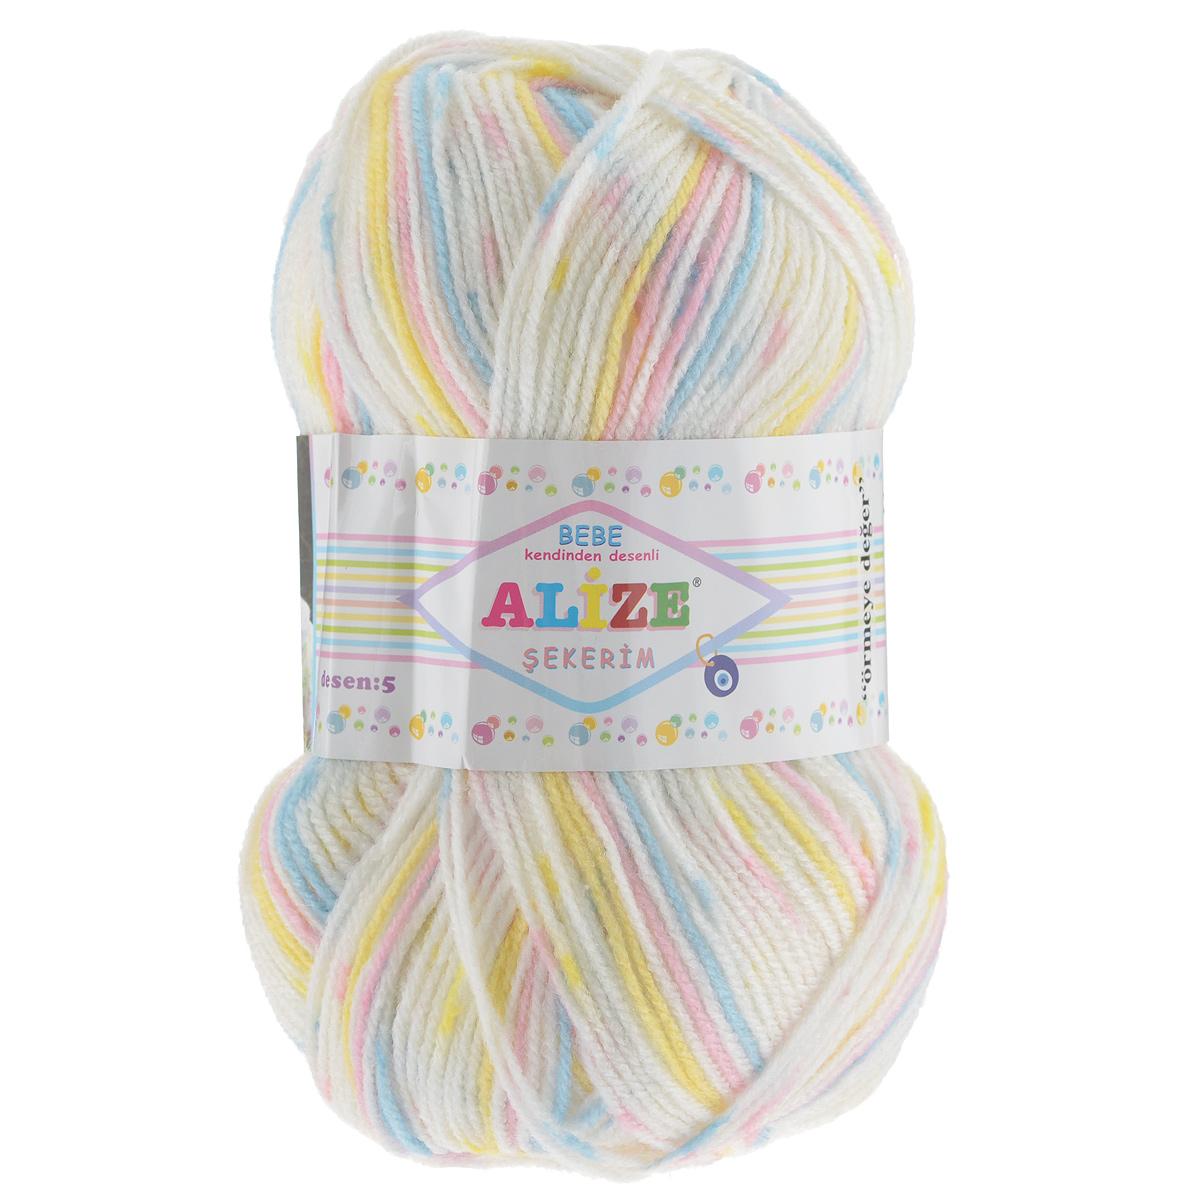 Пряжа для вязания Alize Sekerim Bebe, цвет: розовый, голубой, желтый (505), 350 м, 100 г, 5 шт364082_505Пряжа для вязания Alize Sekerim Bebe изготовлена из акрила. Фантазийная пряжа для ручного вязания отлично подойдет для детских вещей. Ниточка мягкая и приятная на ощупь. Подходит для вязания спицами и крючком. Рекомендованные спицы 3-4 мм и крючок для вязания 2-4 мм. Состав: 100% акрил.